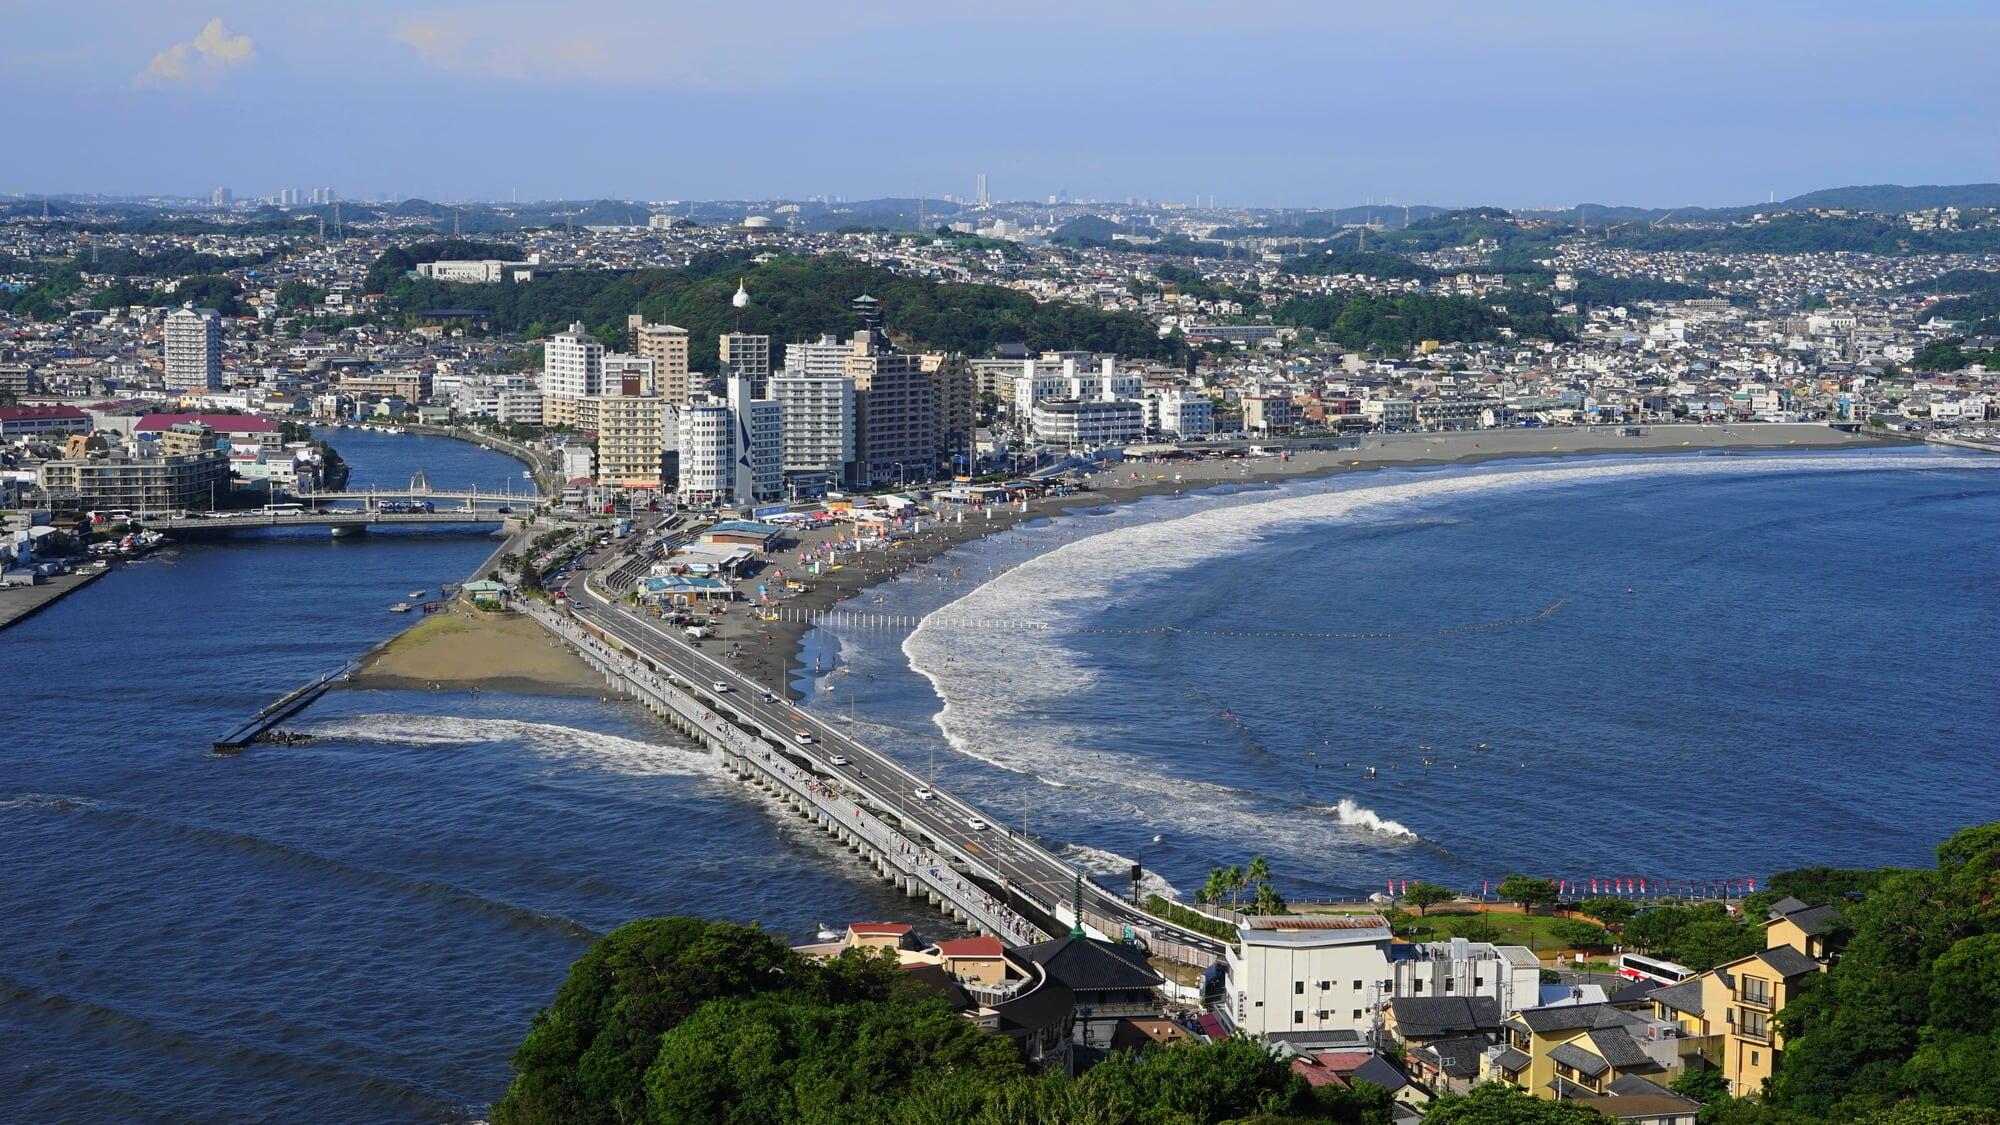 【神奈川】藤沢で予約したいホテル10選!湘南エリアを満喫しよう